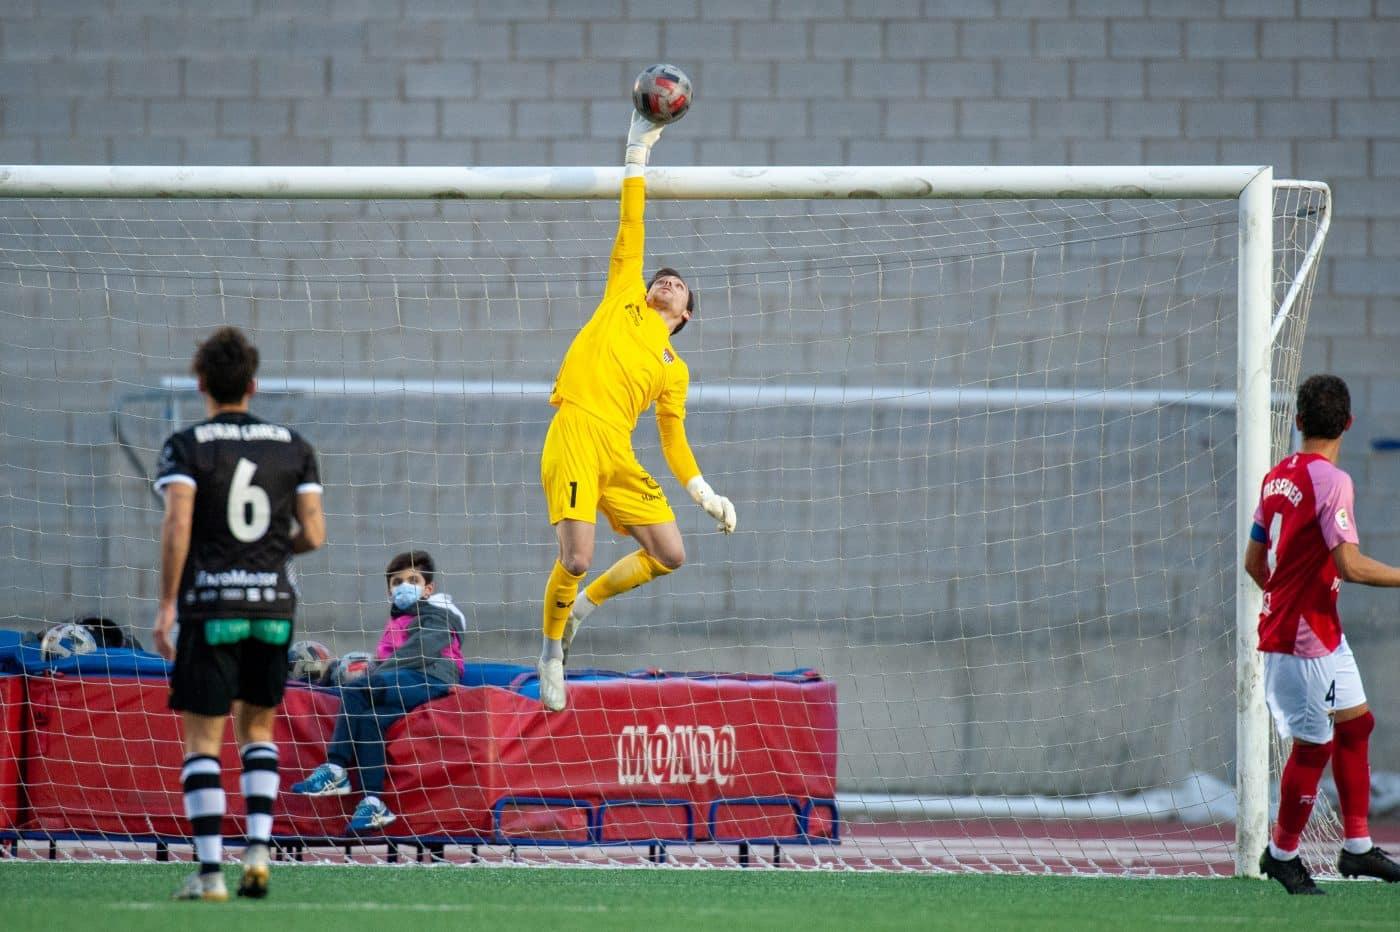 El Tudelano golea a un Haro sin gol en El Mazo 3